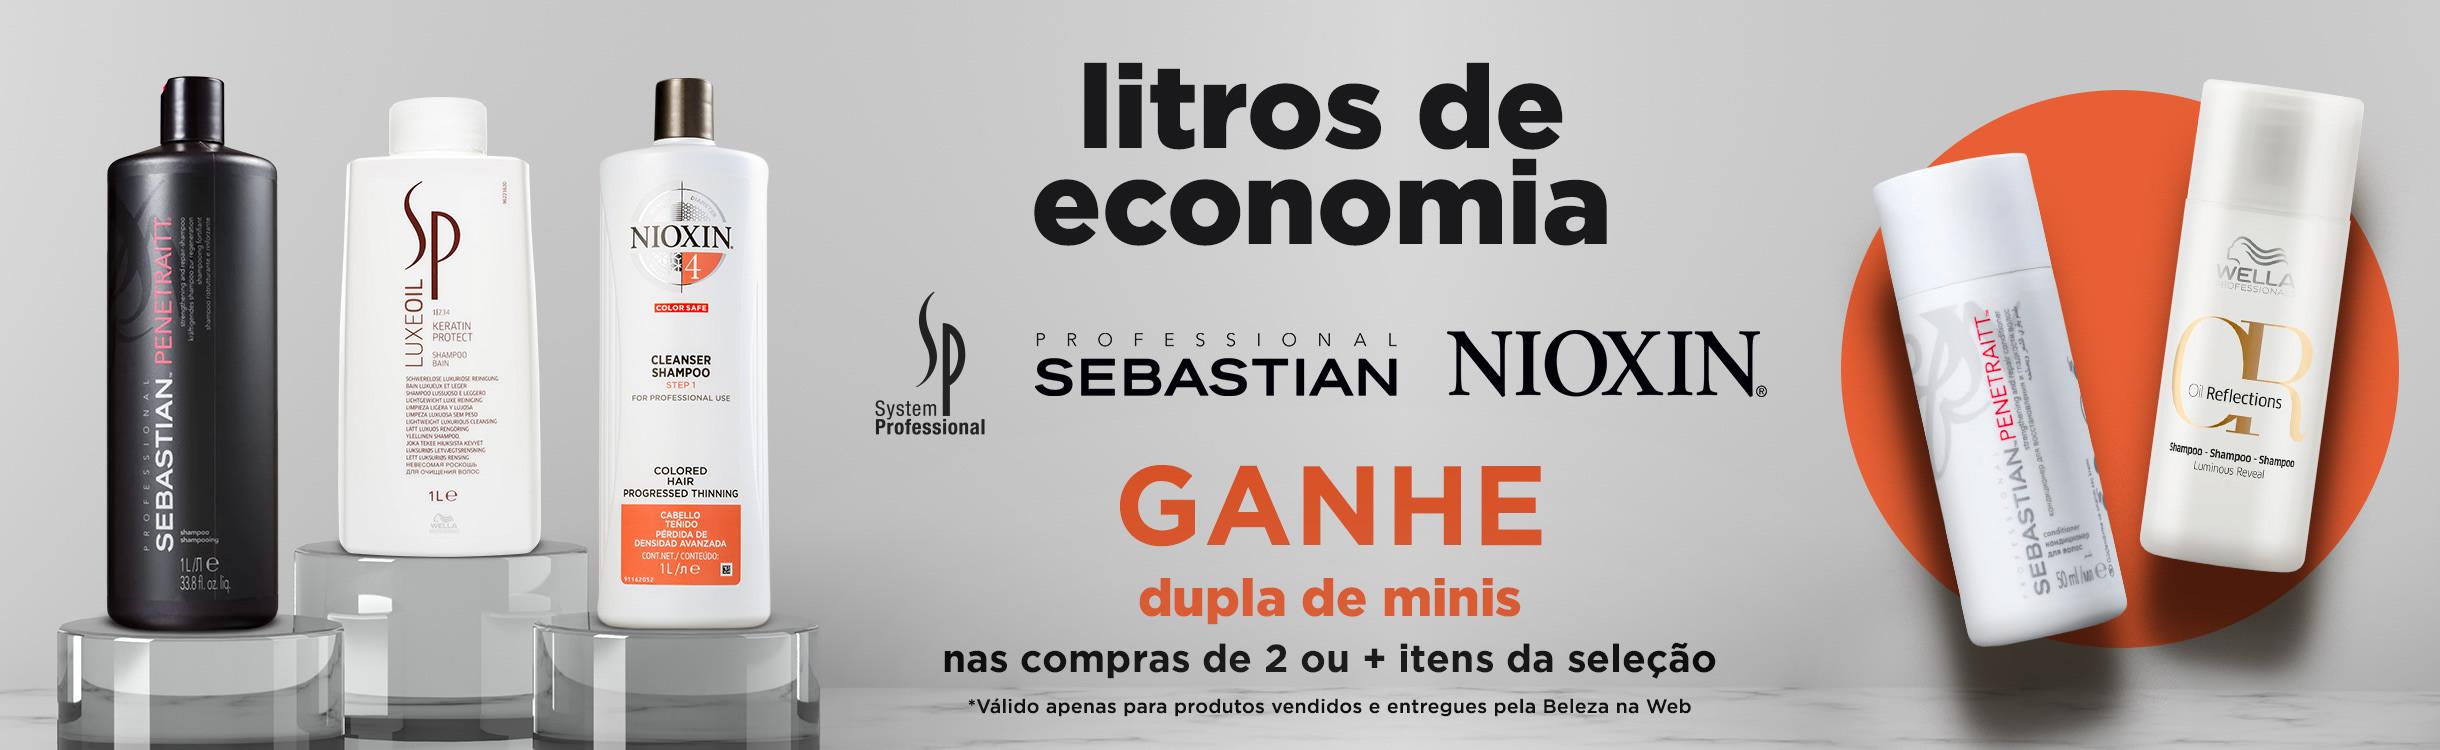 Litros de Economia + Ganhe 2 Minis